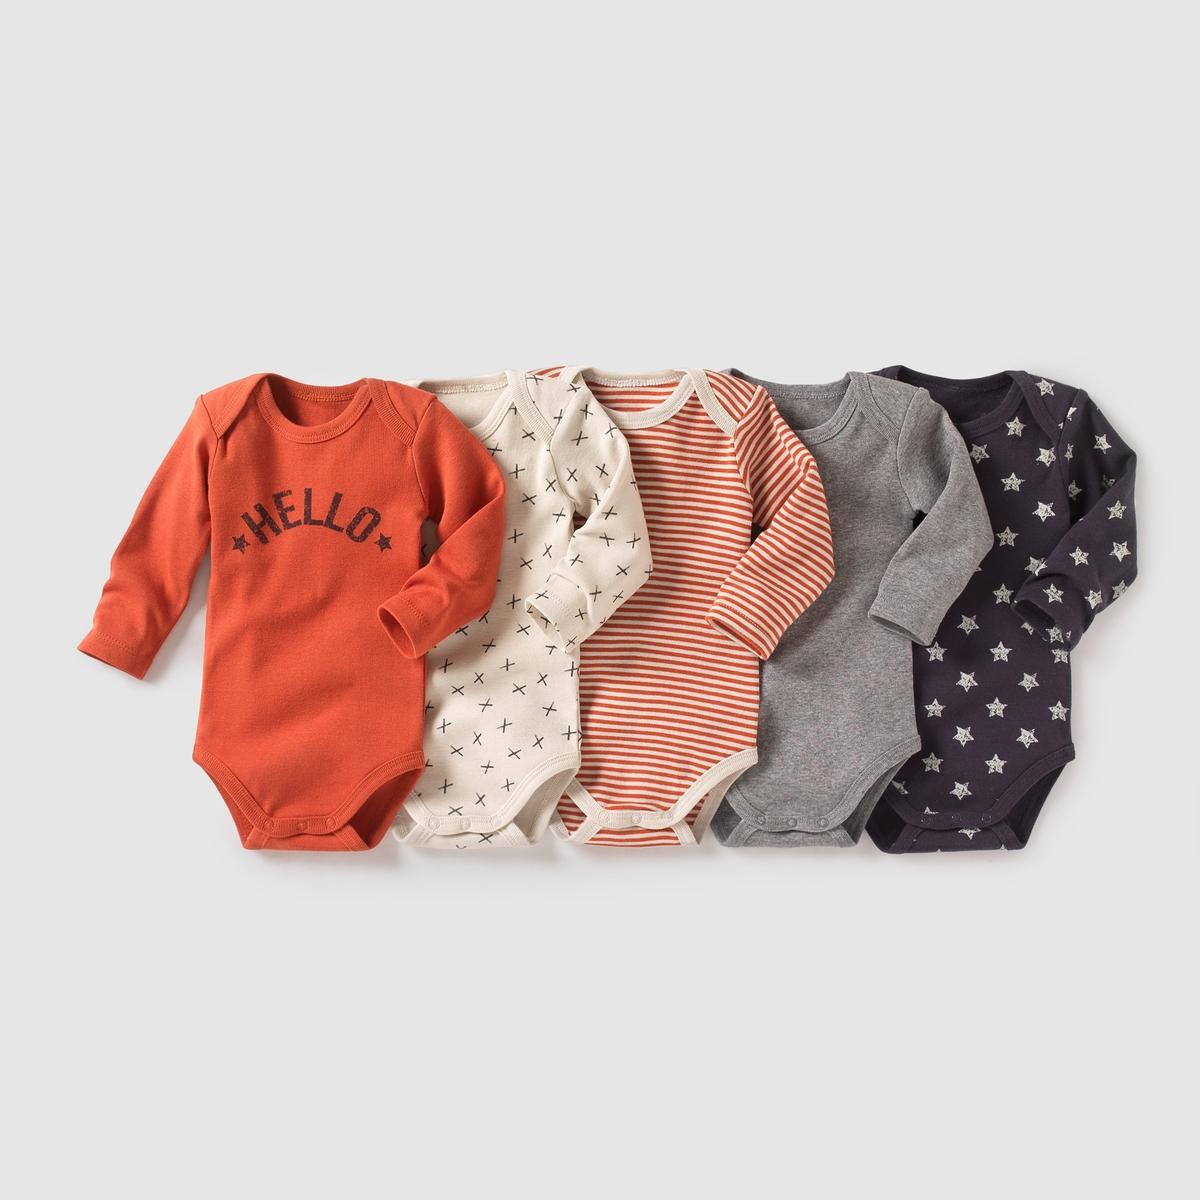 Комплект из 5 боди с длинными рукавами на возраст от 0 месяцев до 3 лет